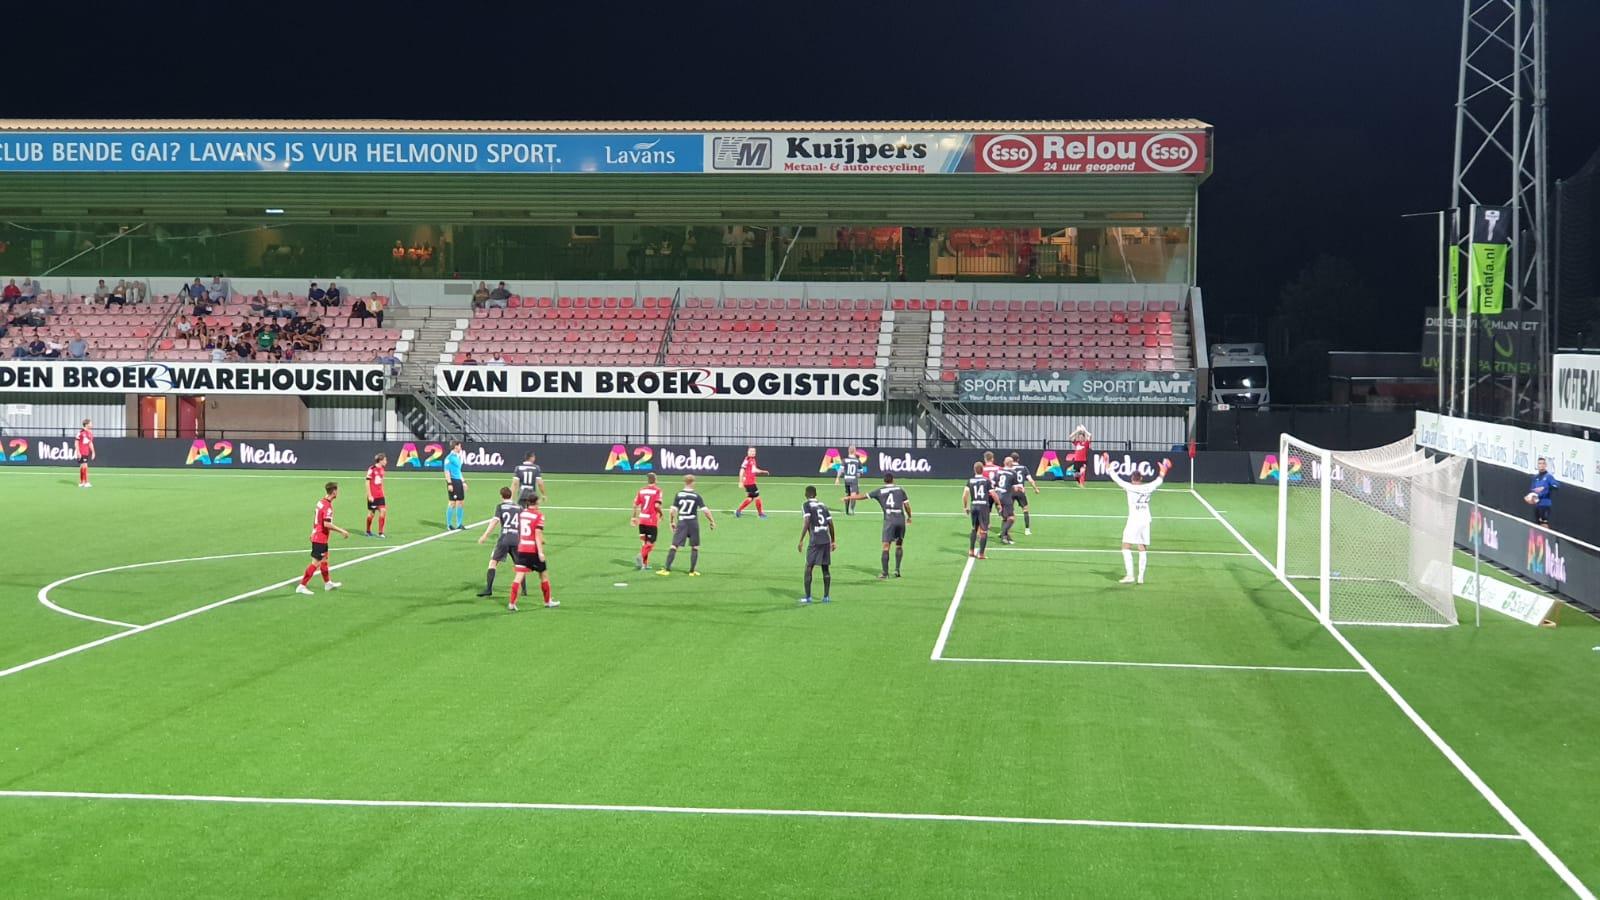 City speelt met 10 man gelijk tegen Helmond Sport